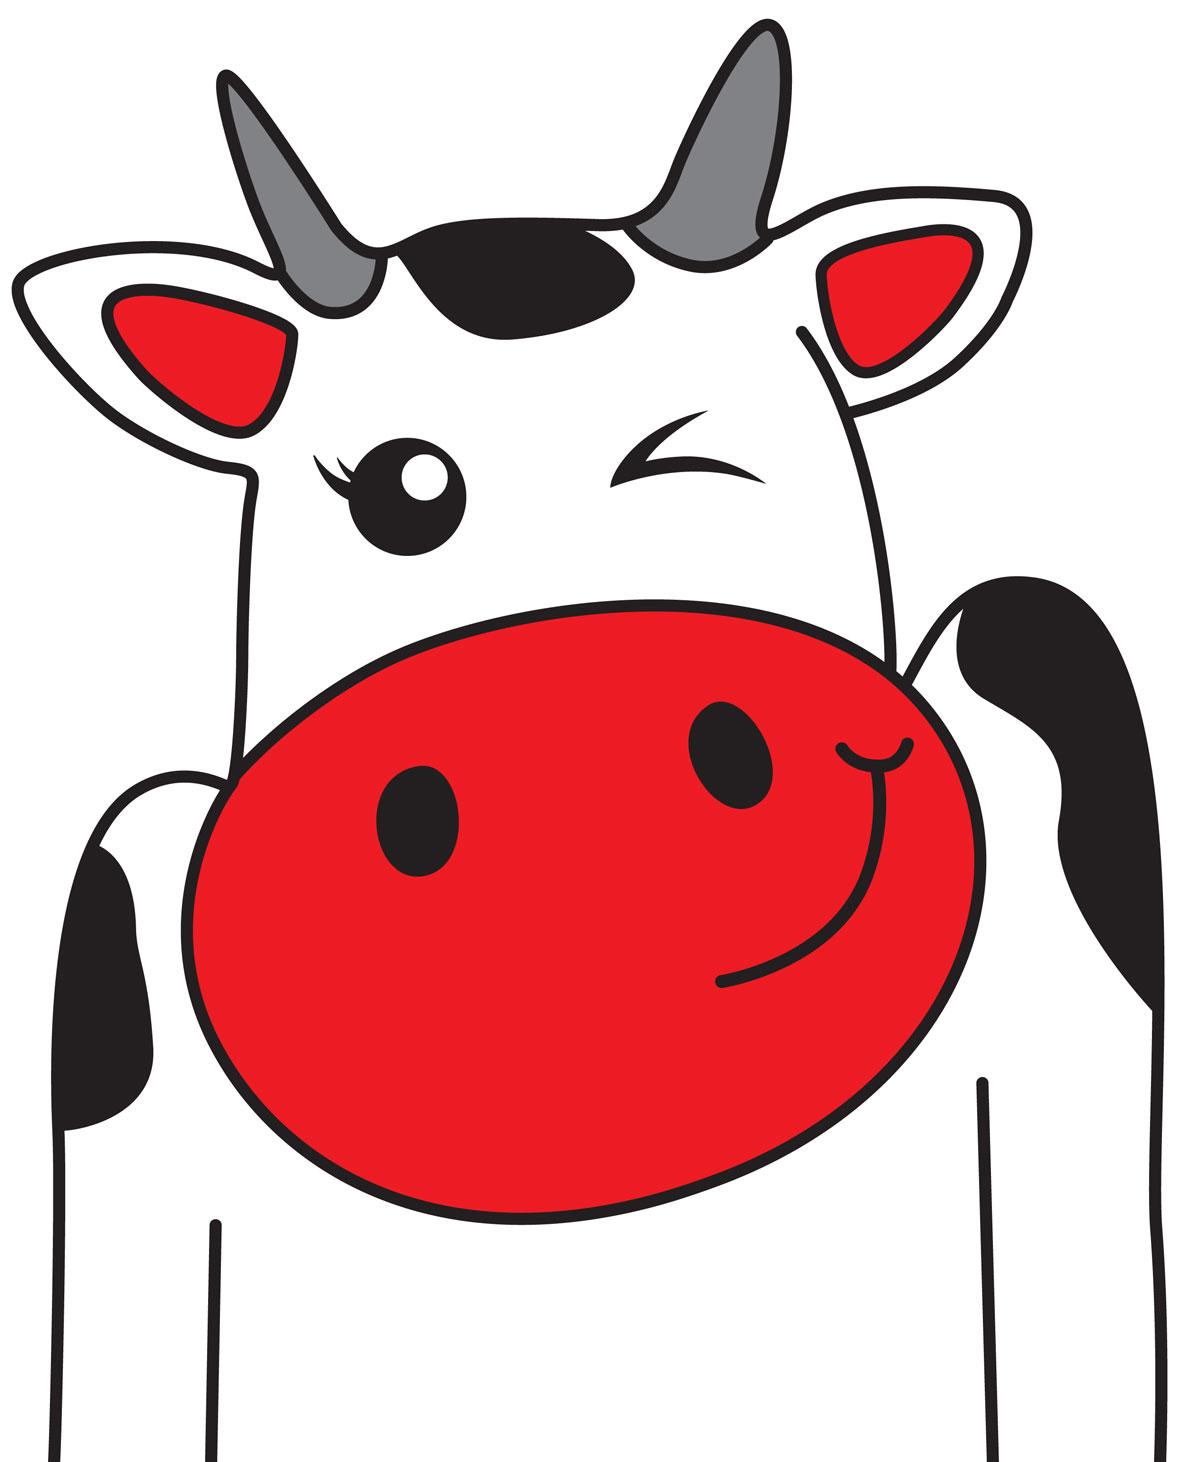 cow-sticker-01_tcm16-81935